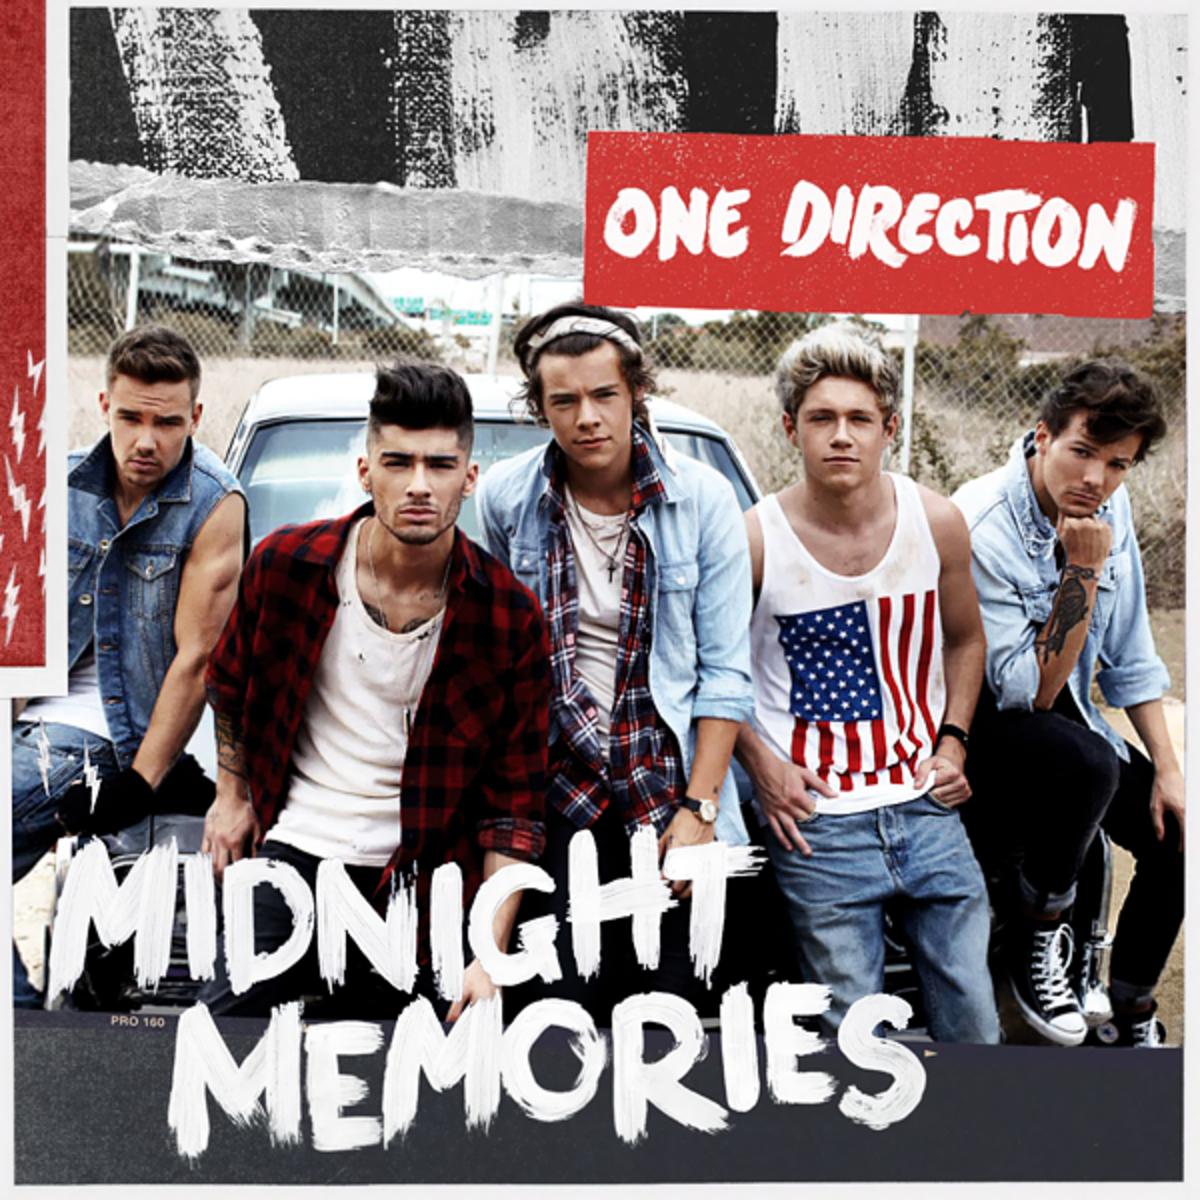 one direction midnight memories album download free zip